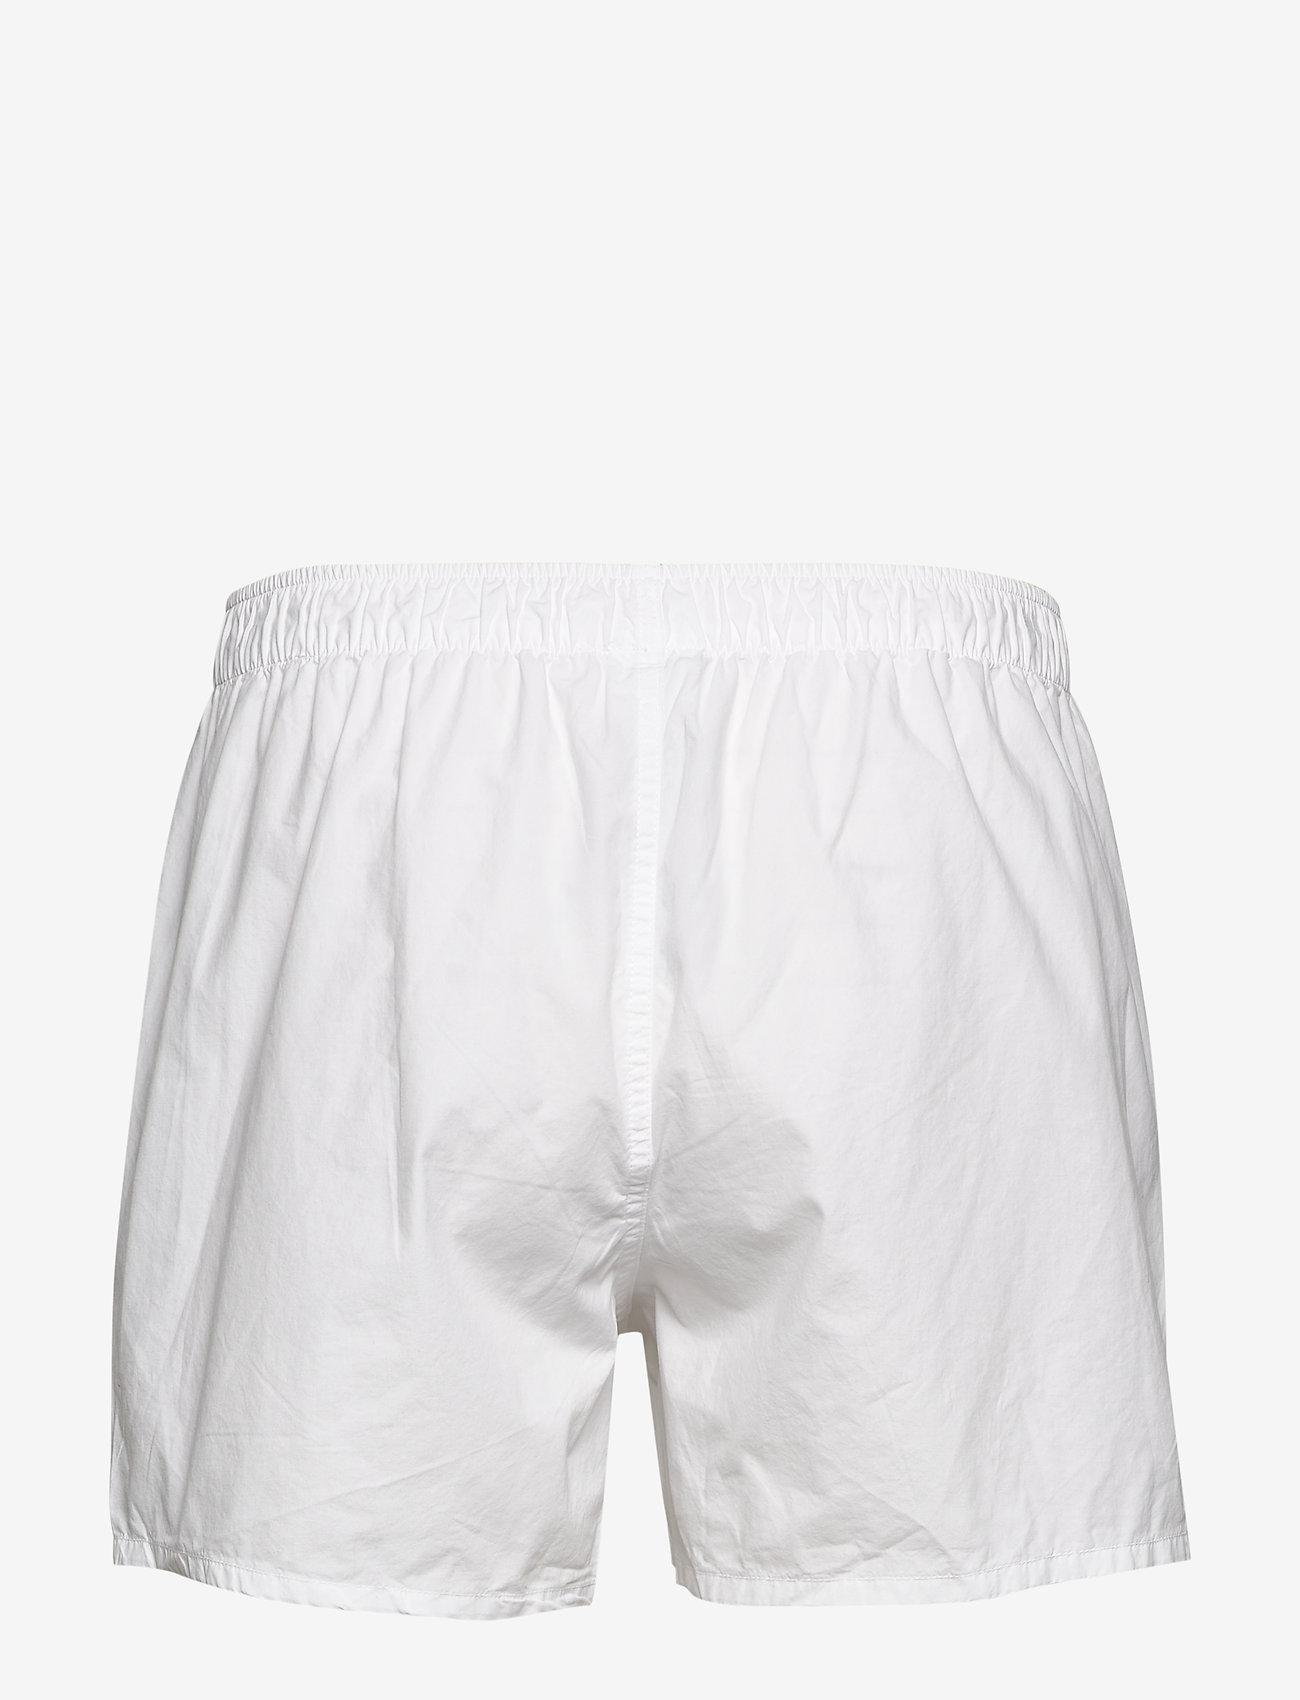 Bread & Boxers Boxer Short - Boxershortser WHITE - Menn Klær